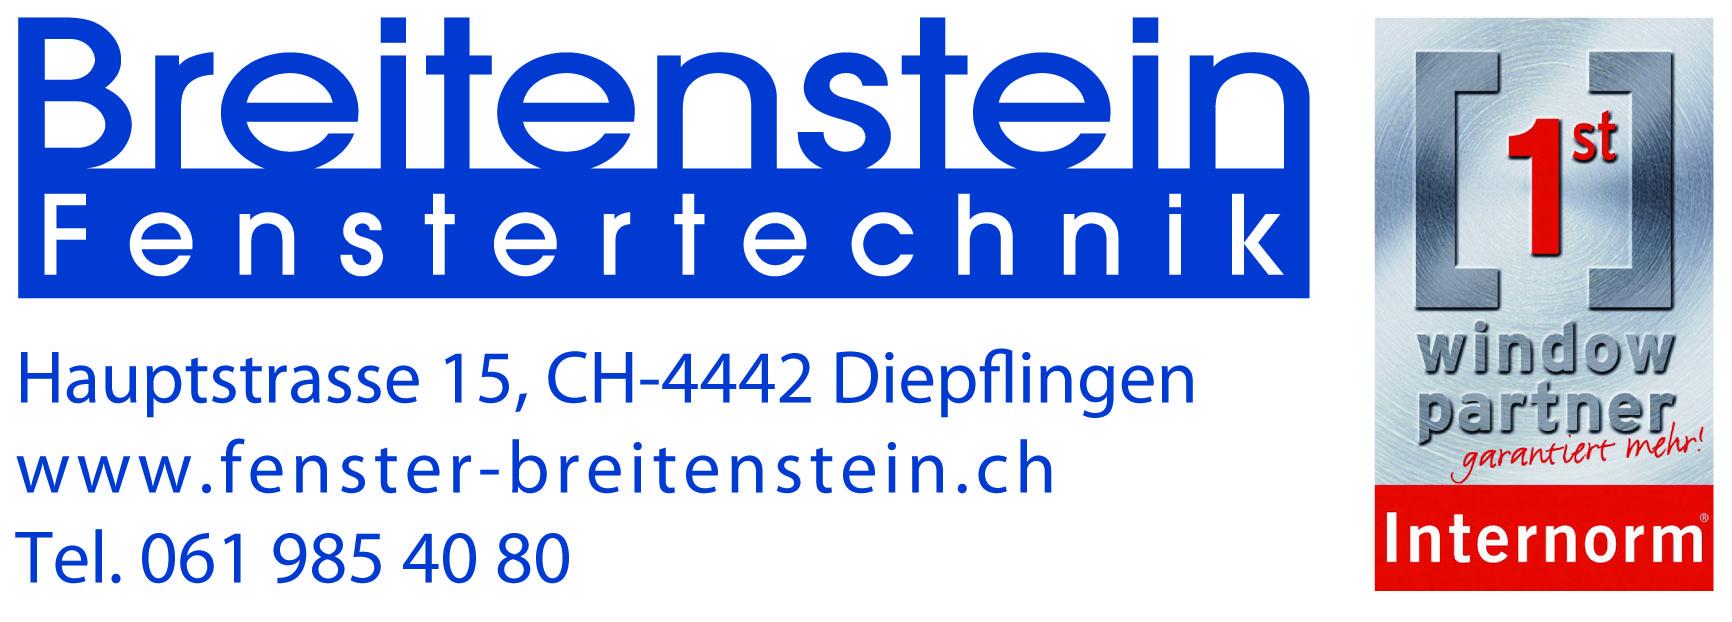 """<a href=""""http://fenster-breitenstein.ch/"""">Fenstertechnik Breitenstein</a>"""